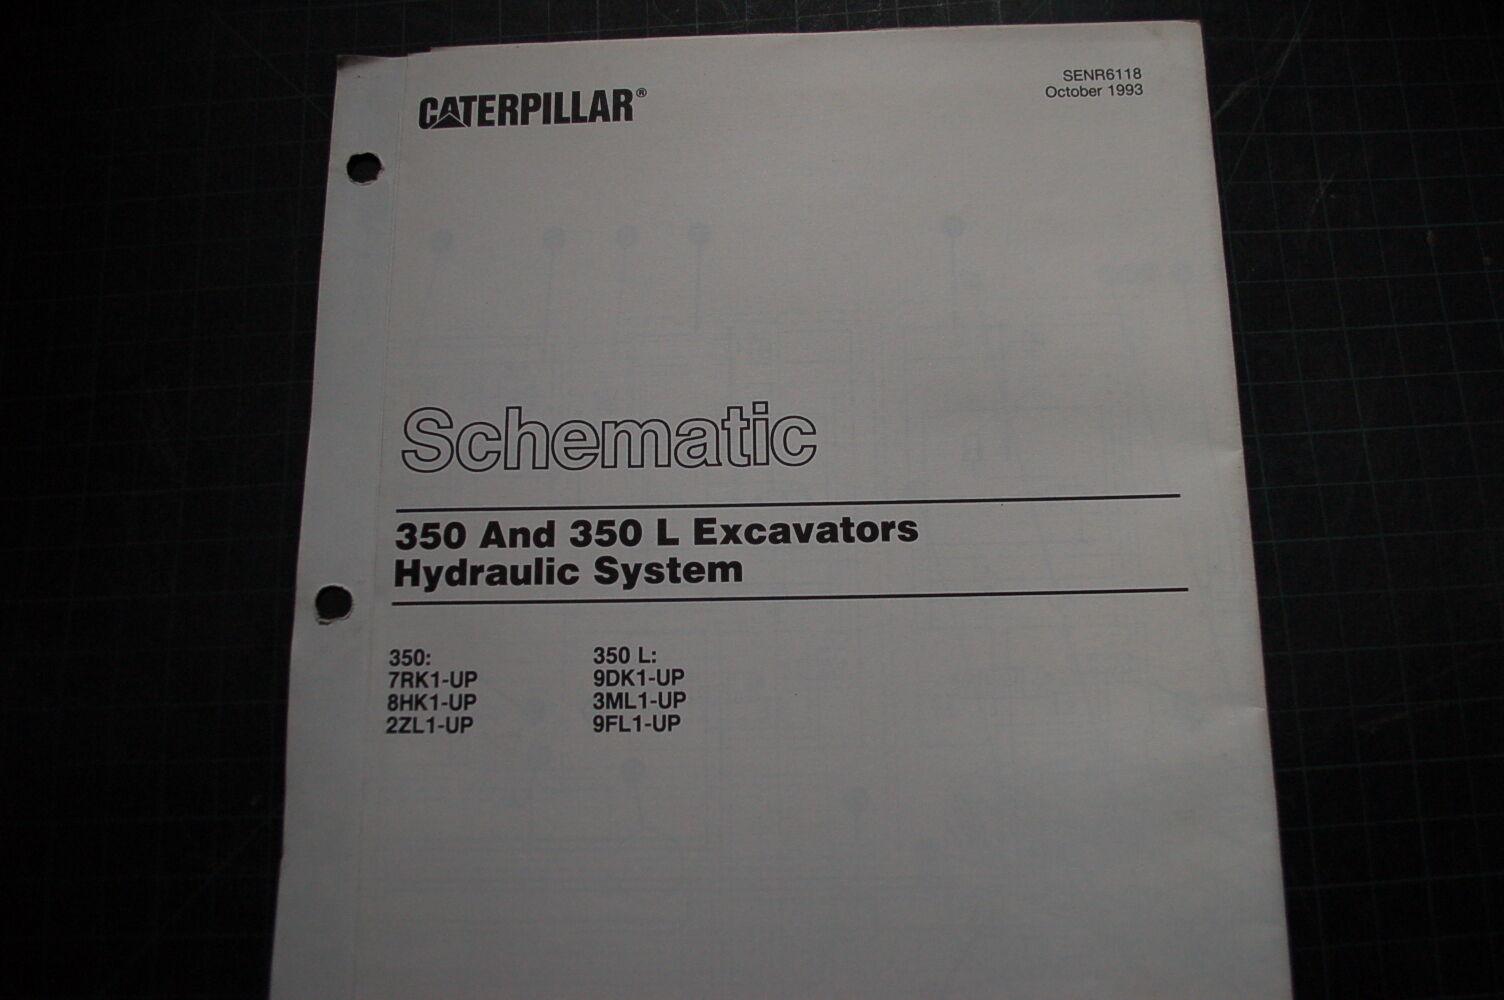 Attractive Caterpillar Wiring Schematics Vignette - Electrical and ...